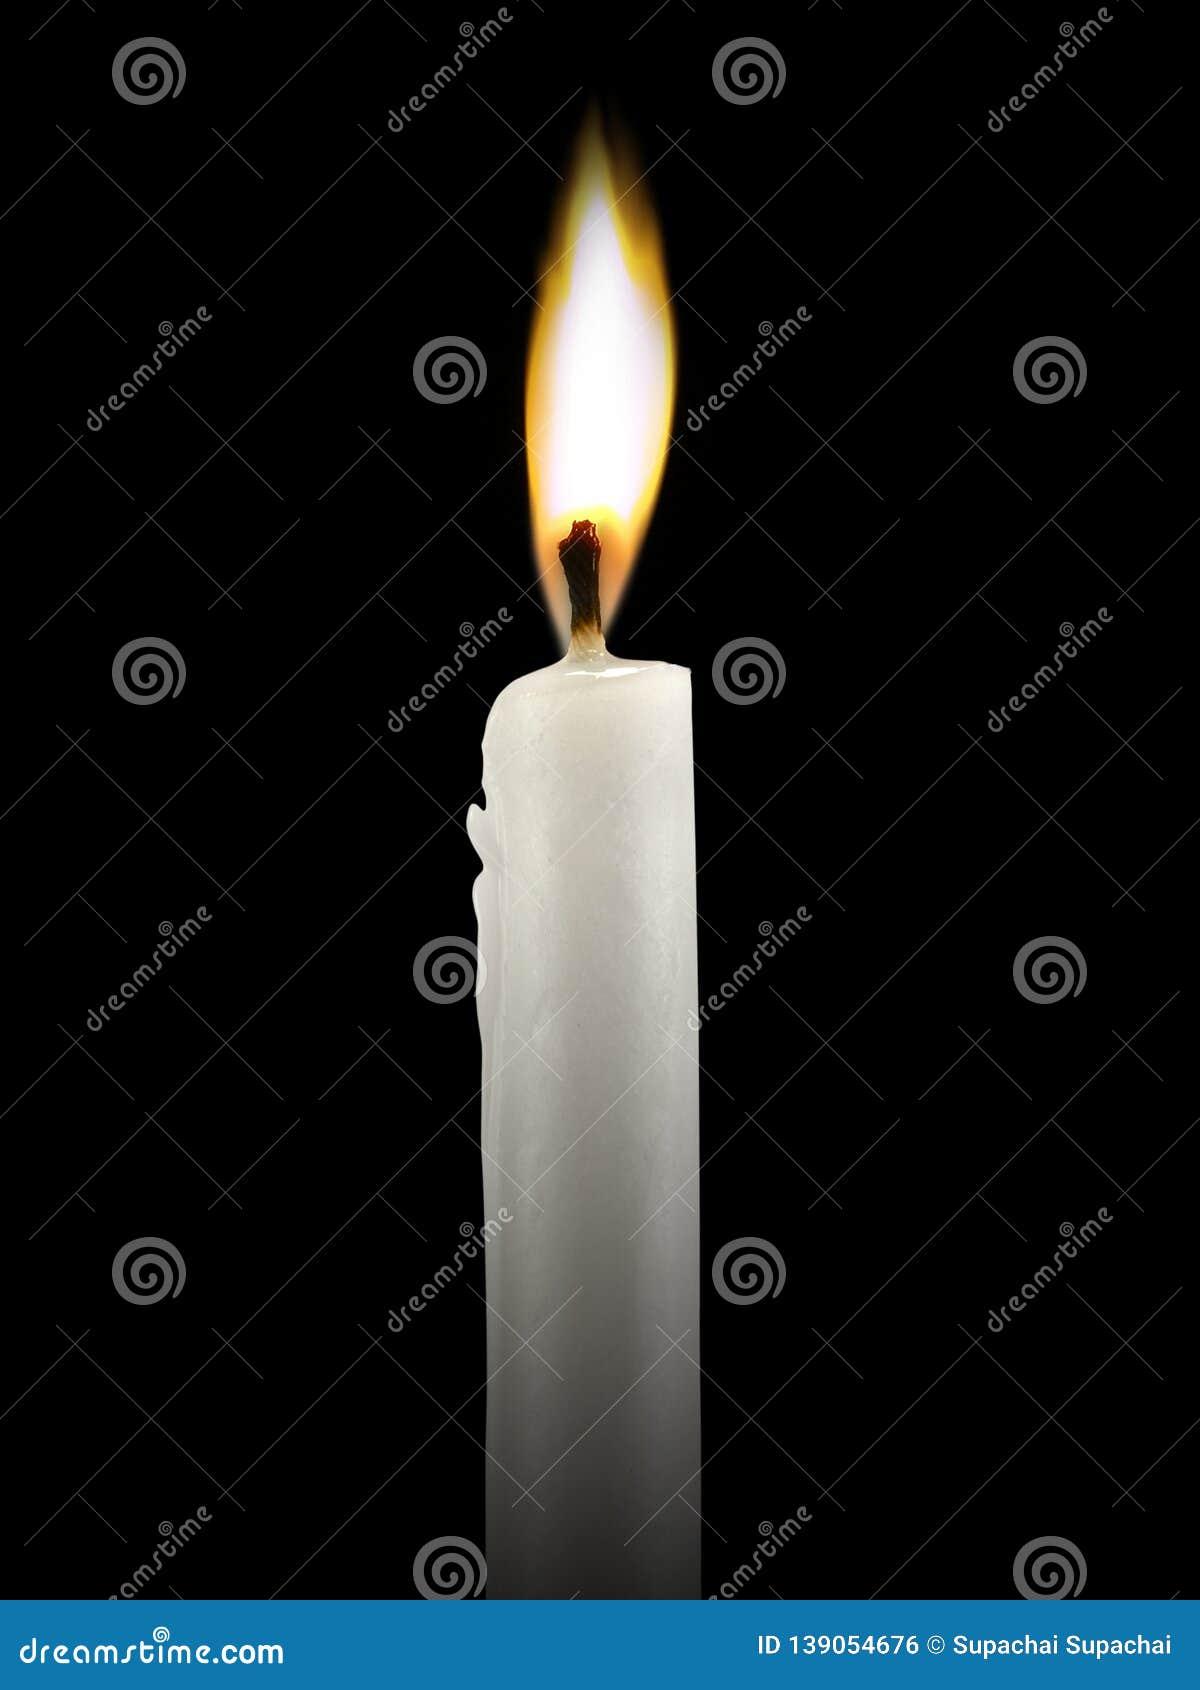 Świeczka pali jaskrawy zamkniętą w górę czarnego tła na